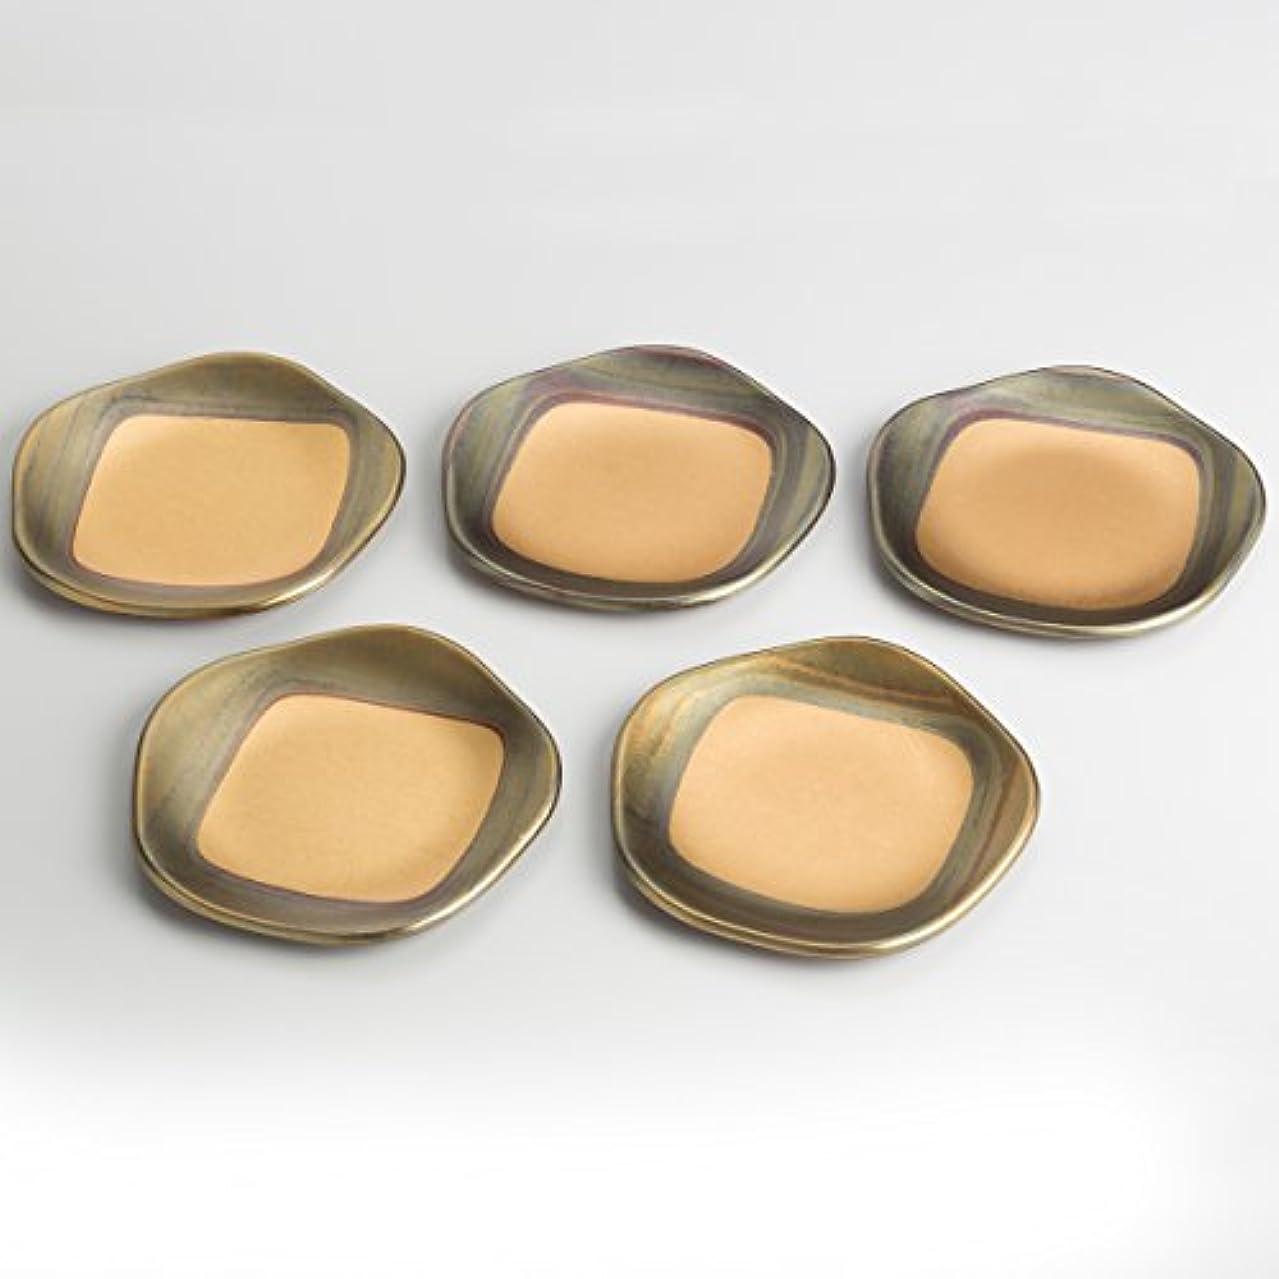 エレクトロニックピクニック商人箔一 小皿 ゴールド 140×140×10mm 古代箔 梅型銘々皿 A131-05002 5枚入